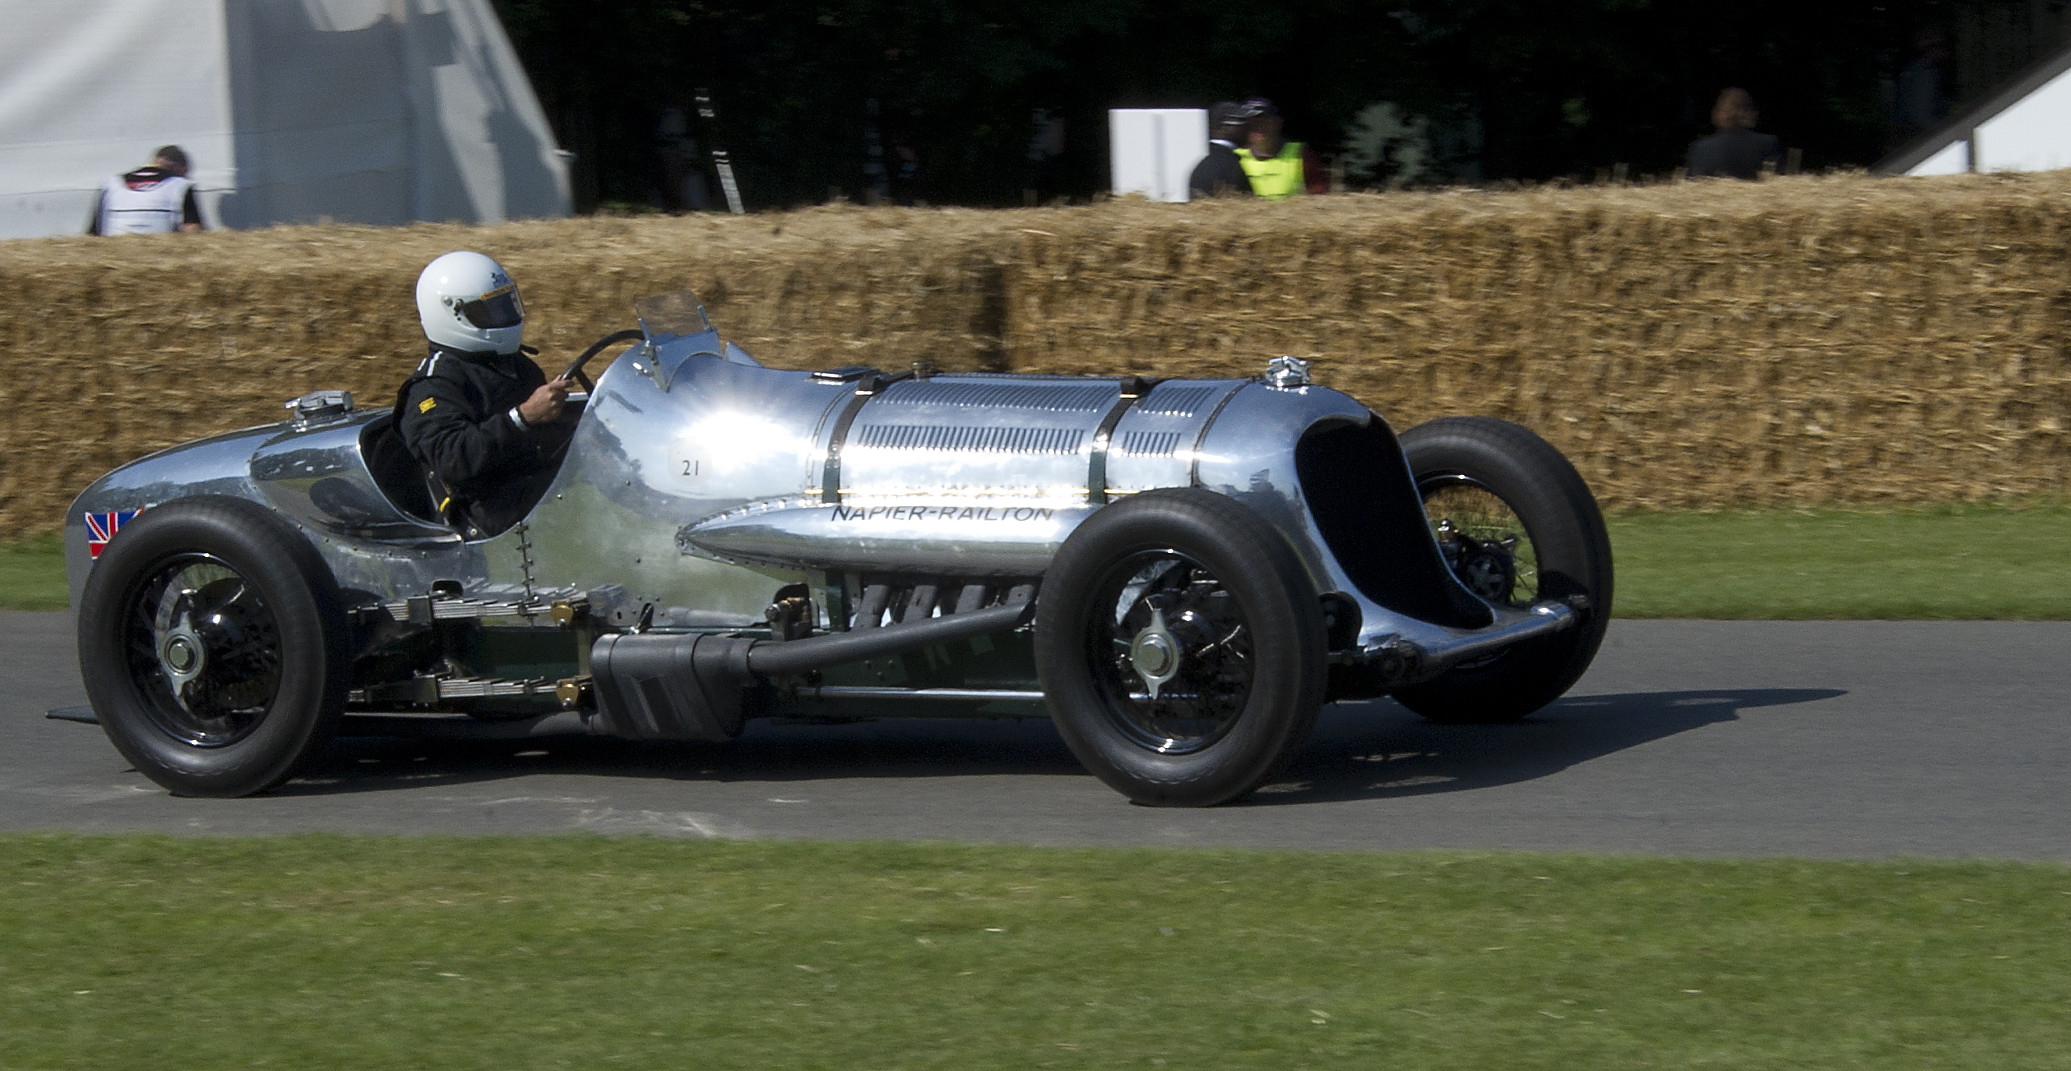 Napier-Railton на гоночном треке